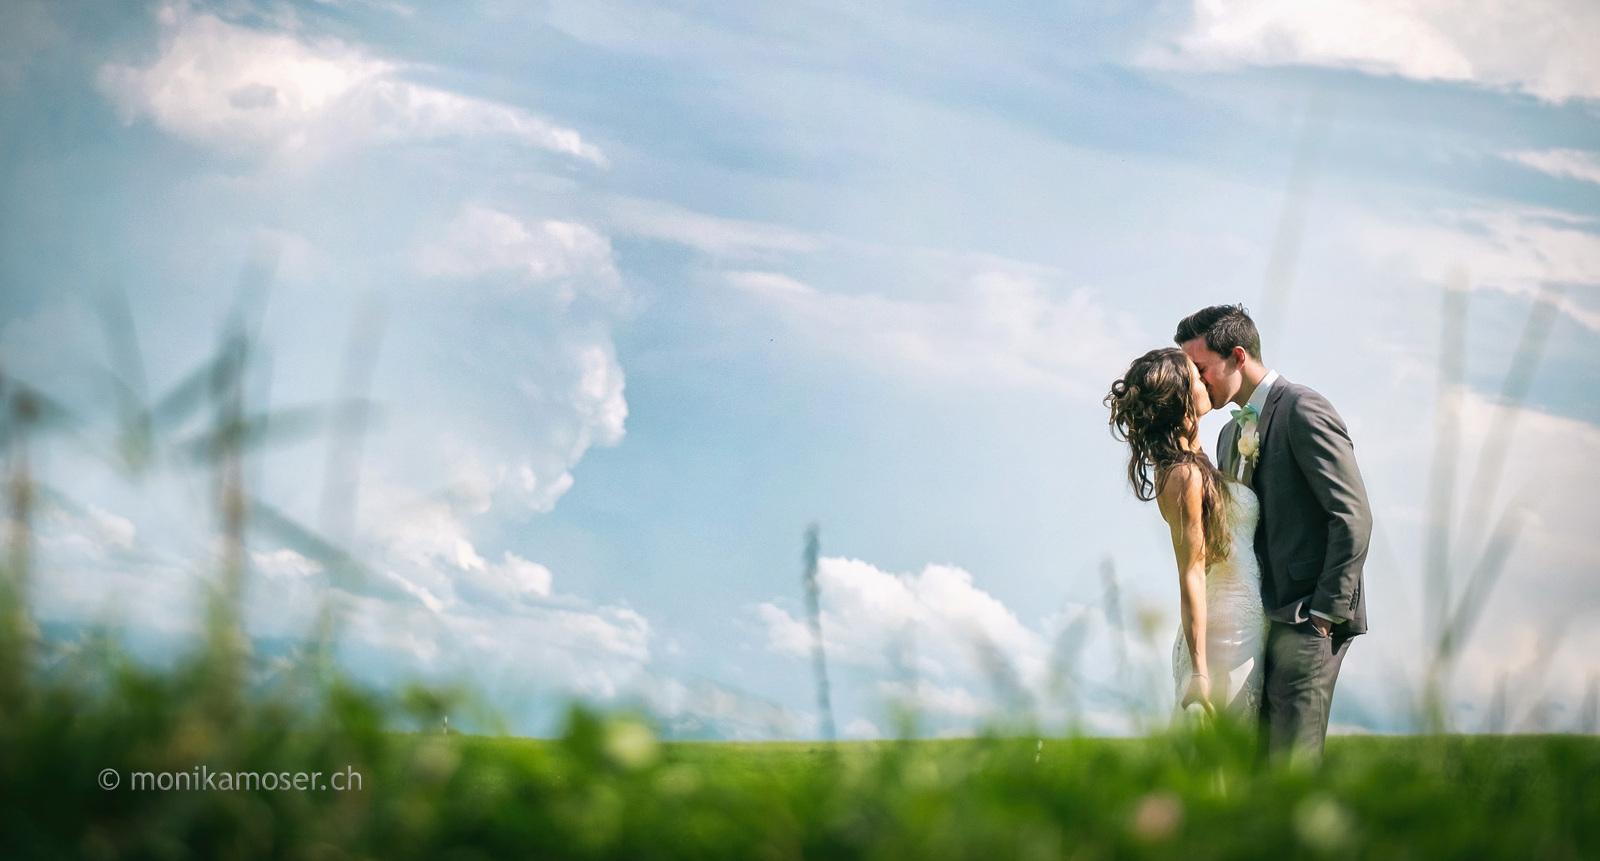 Fotograf Winterthur - Brautpaar auf einer Wiese